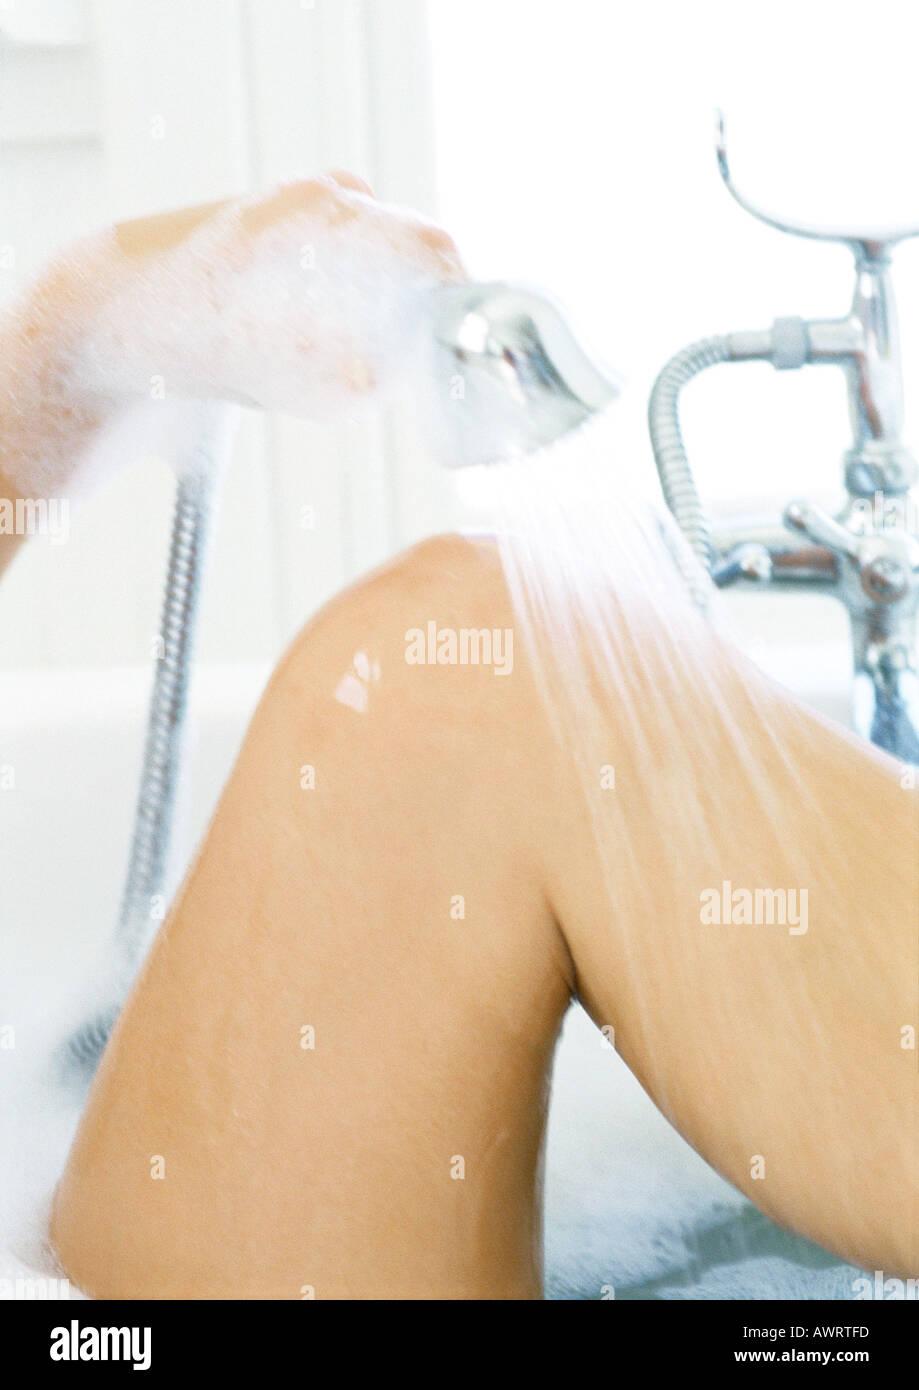 девушка льет душ между ног фото только, как жадно